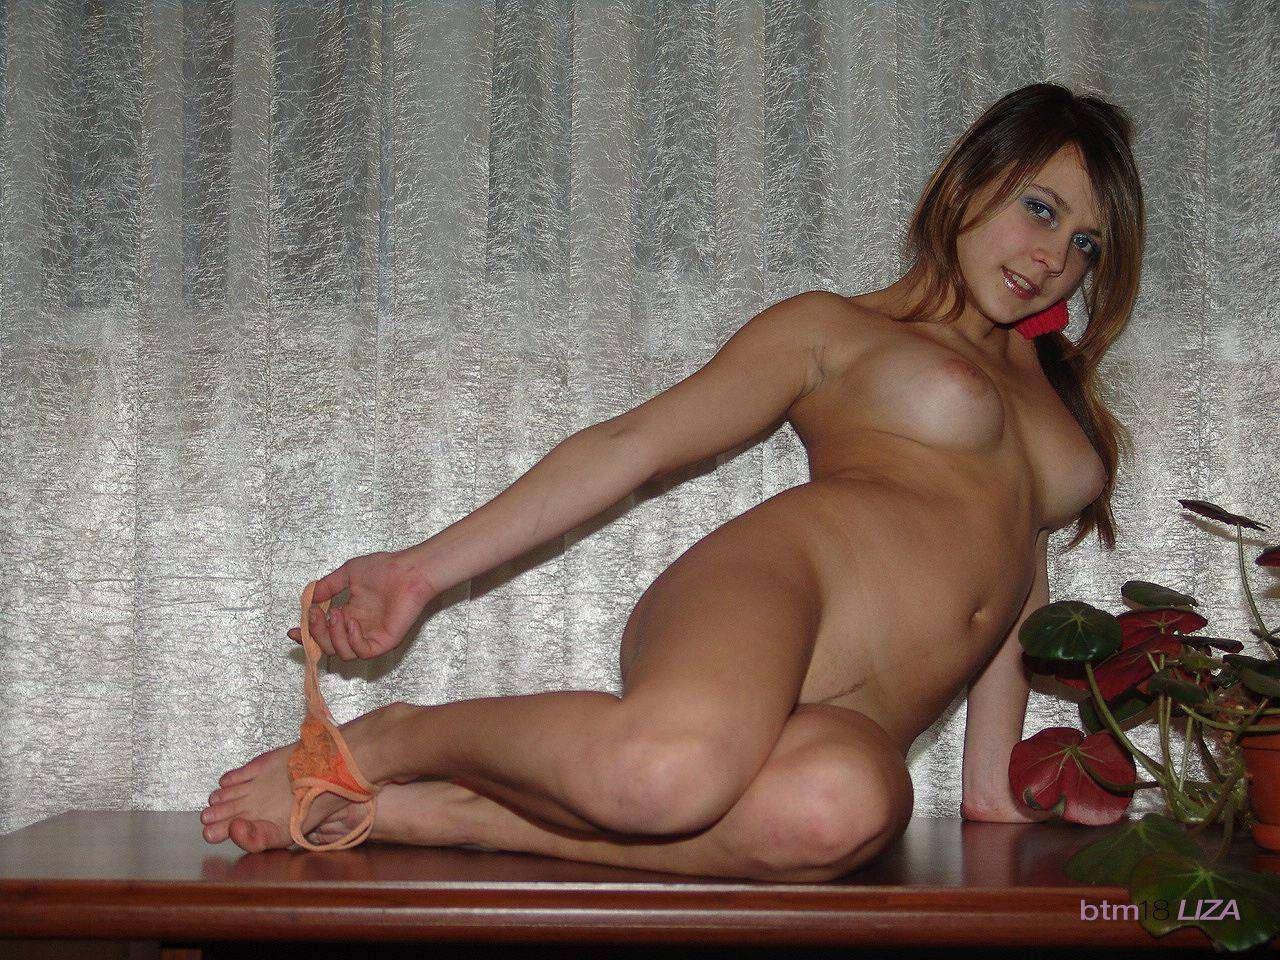 Шлюхи екб проверенные фото, Проверенные проститутки и индивидуалки. ZN96 15 фотография